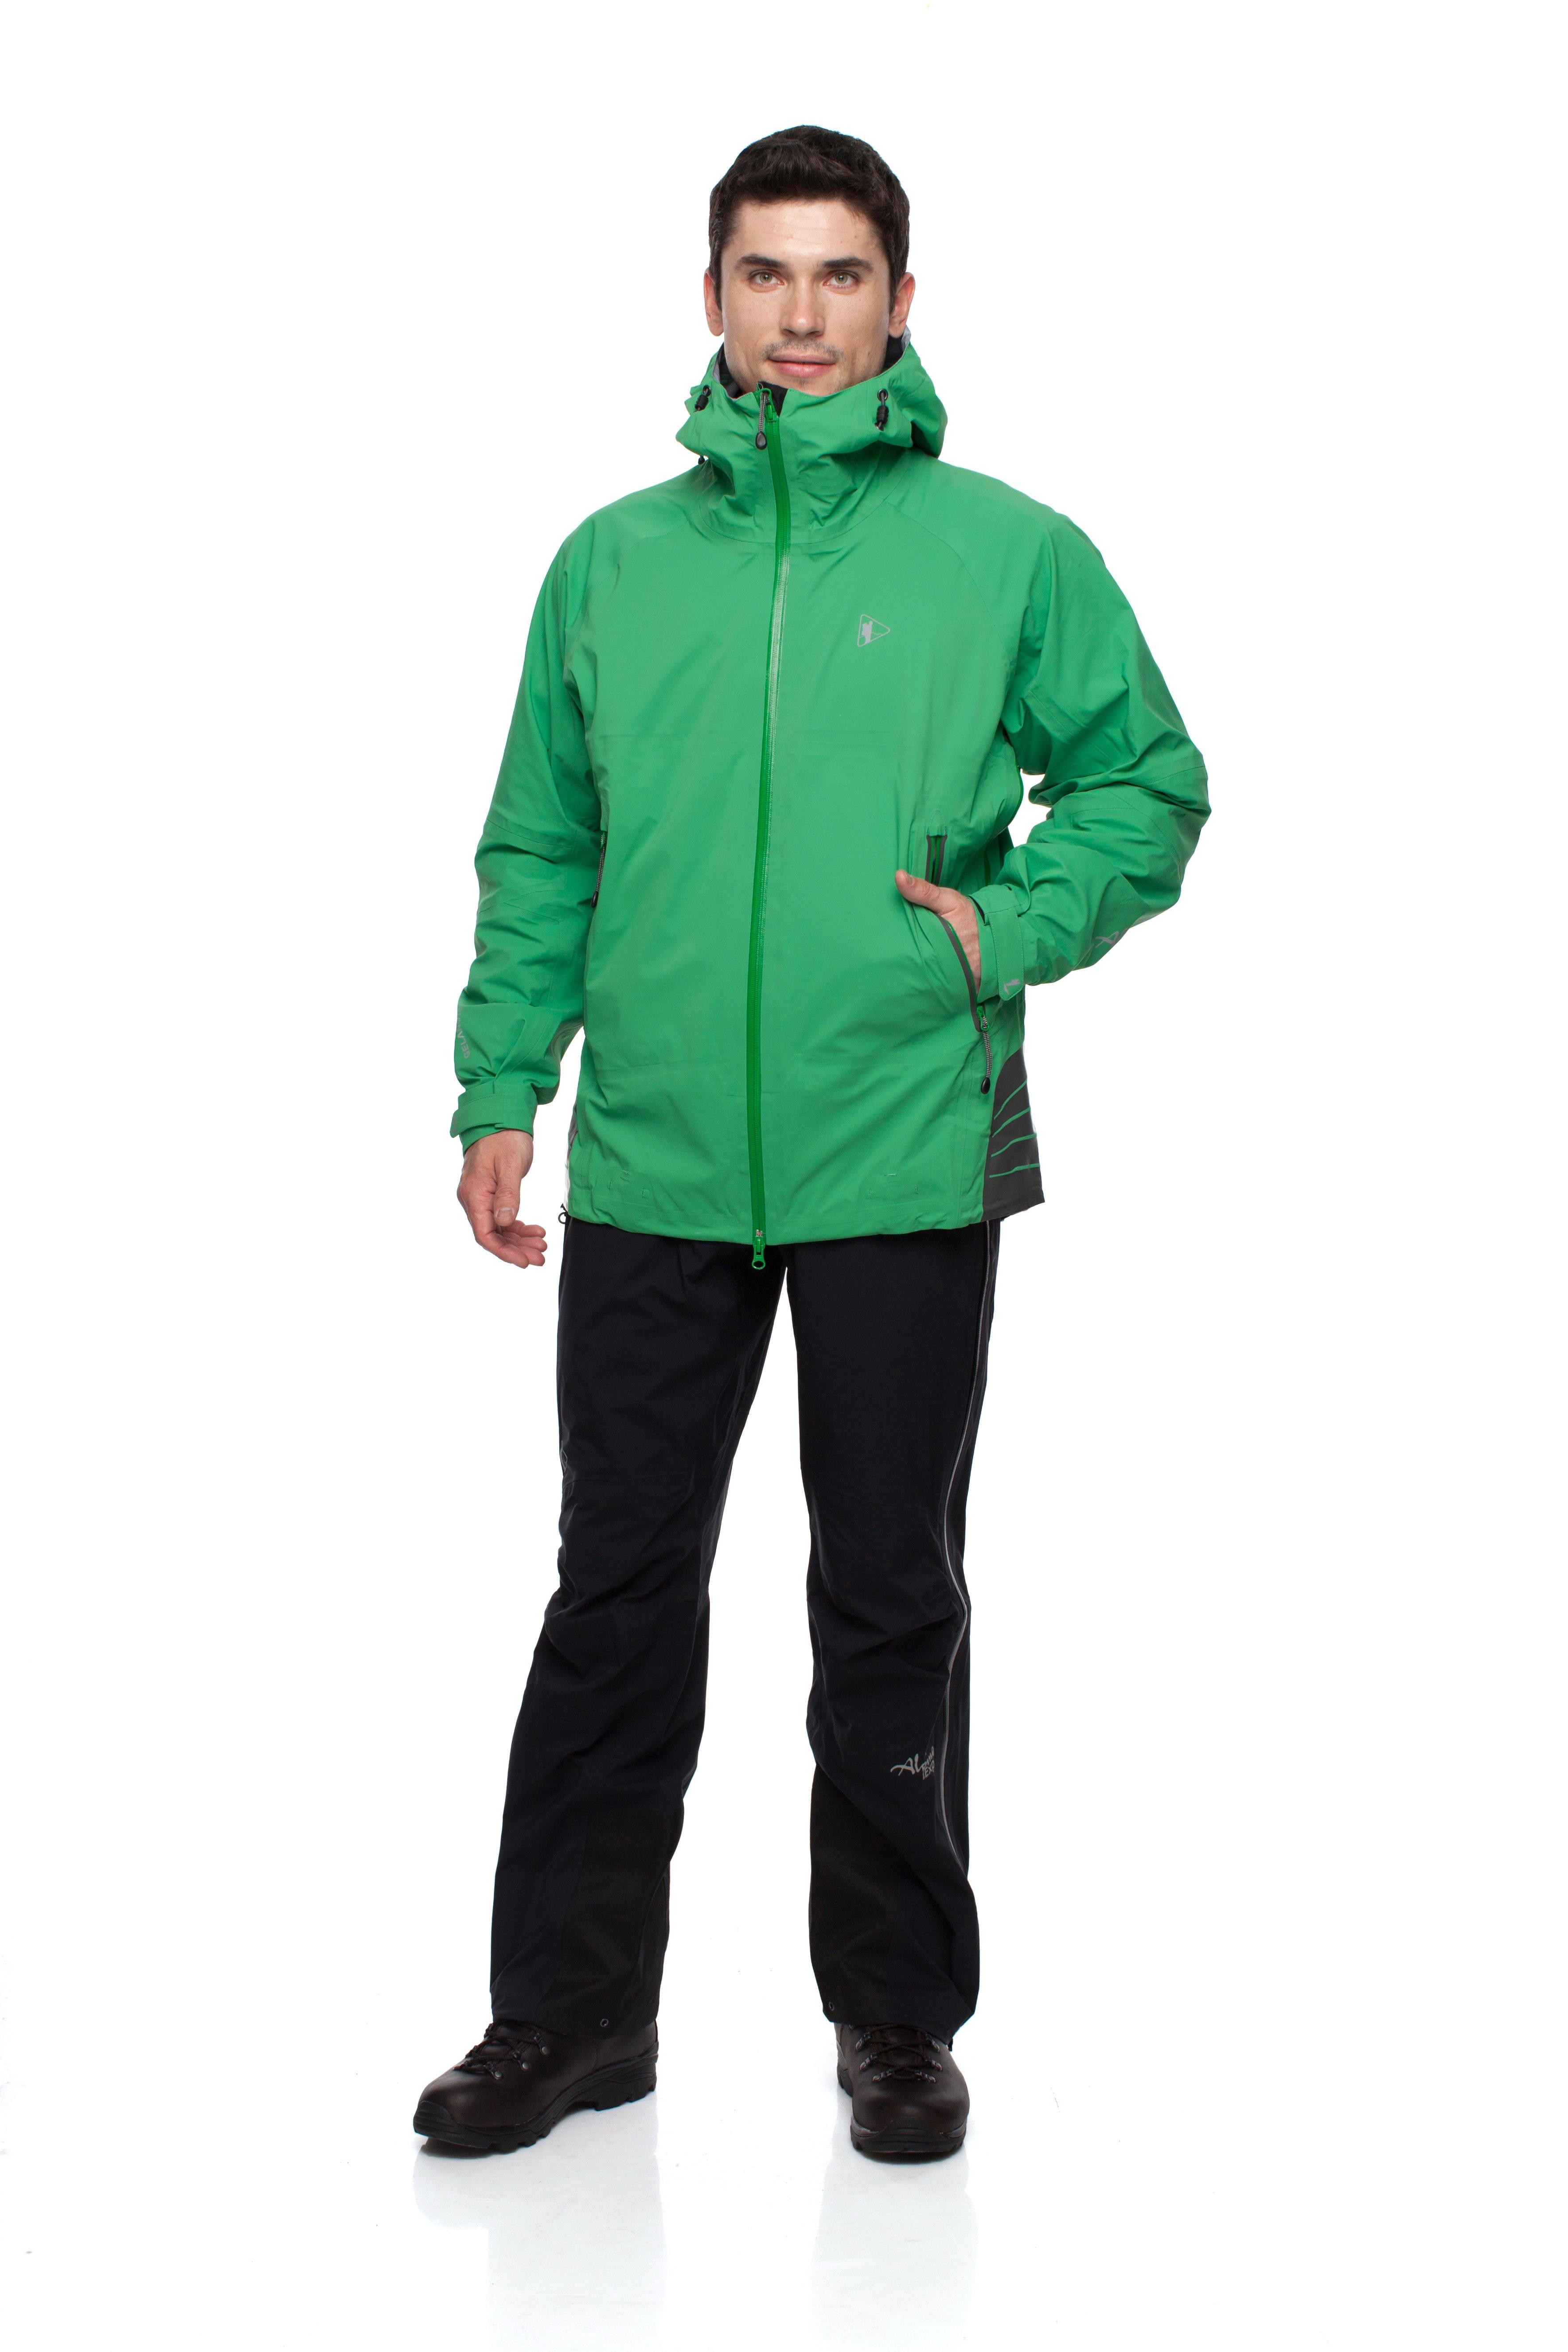 Куртка BASK GRAPHITE GELANOTS 4243aВысокотехнологичная легкая штормовая куртка, выполненная из трехслойной мембраной ткани  Gelanots® .<br><br>Верхняя ткань: Gelanots®<br>Вес граммы: 560<br>Ветро-влагозащитные свойства верхней ткани: Да<br>Ветрозащитная планка: Да<br>Ветрозащитная юбка: Нет<br>Влагозащитные молнии: Да<br>Внутренние манжеты: Нет<br>Водонепроницаемость: 20000<br>Дублирующий центральную молнию клапан: Нет<br>Защитный козырёк капюшона: Да<br>Капюшон: несъемный<br>Карман для средств связи: Да<br>Количество внешних карманов: 3<br>Количество внутренних карманов: 1<br>Мембрана: Gelanots®<br>Объемный крой локтевой зоны: Да<br>Отстёгивающиеся рукава: Нет<br>Паропроницаемость: 20000<br>Пол: Унисекс<br>Проклейка швов: Да<br>Размеры: S - XXL<br>Регулировка манжетов рукавов: Да<br>Регулировка низа: Да<br>Регулировка объёма капюшона: Да<br>Регулировка талии: Да<br>Регулируемые вентиляционные отверстия: Да<br>Световозвращающая лента: Нет<br>Технология Thermal Welding: Да<br>Технология швов: Thermal Welding<br>Тип молнии: двухзамковая влагозащитная<br>Ткань усиления: нет<br>Усиление контактных зон: Да